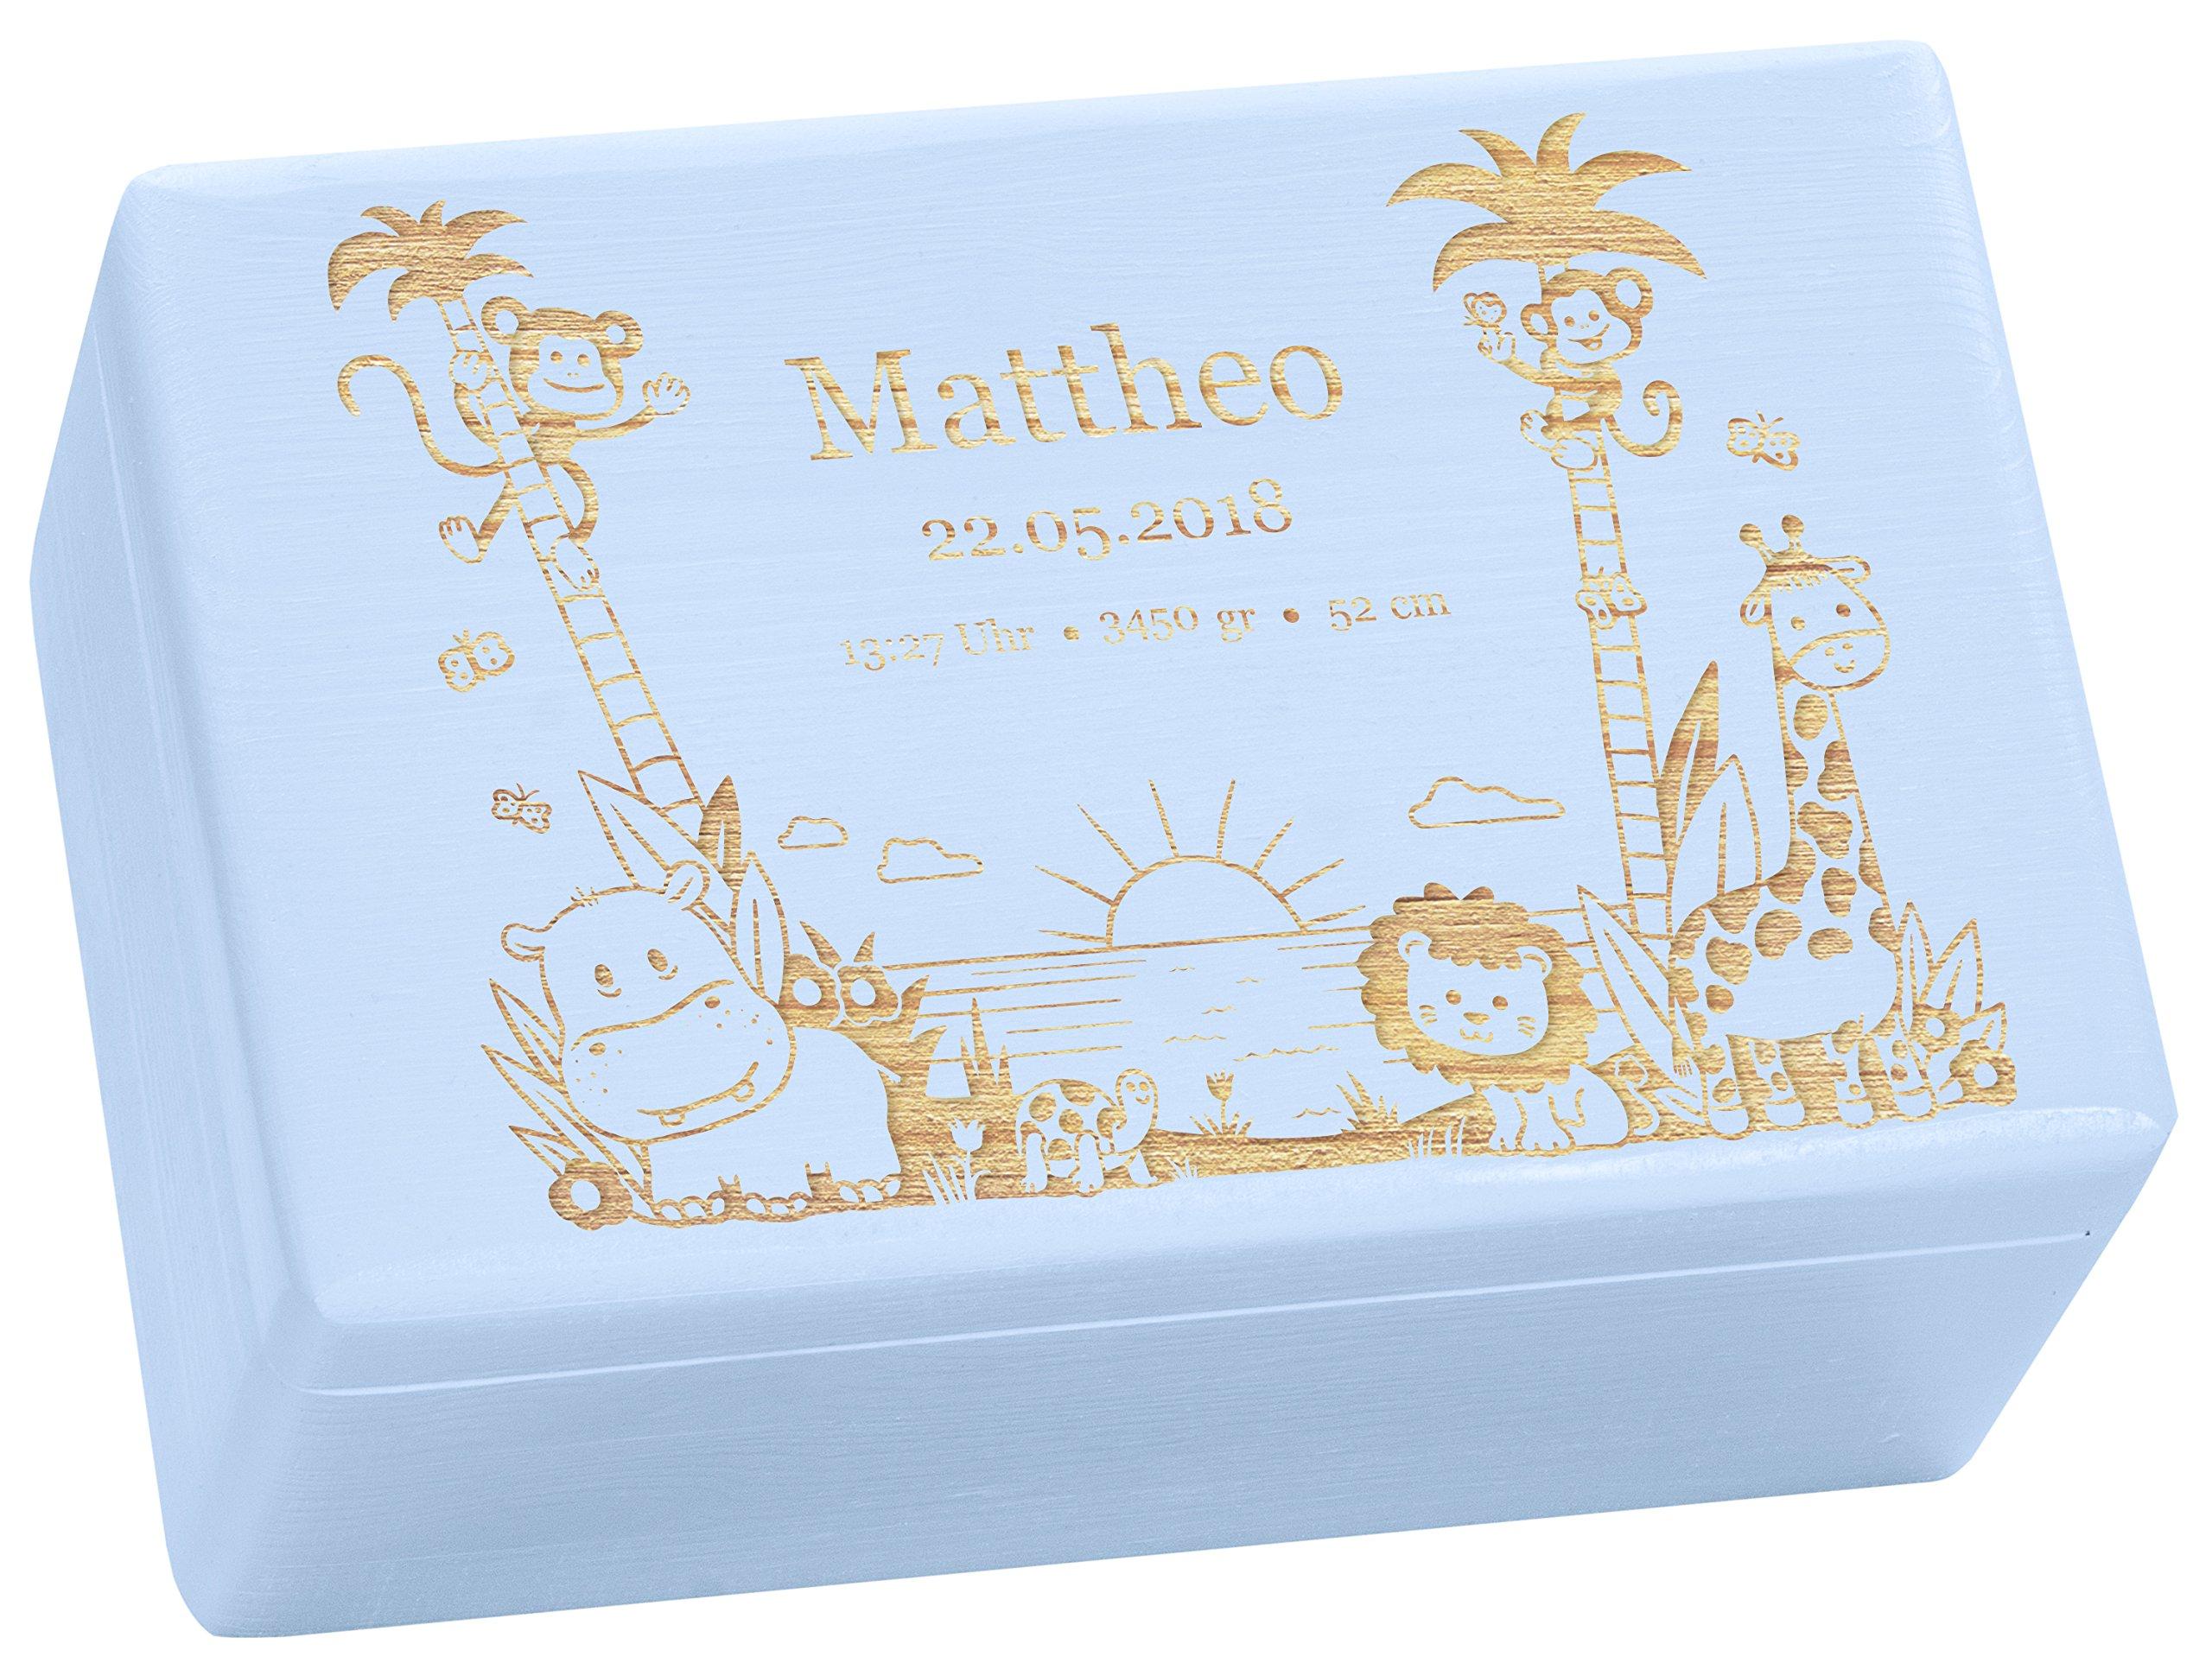 Holzkiste mit Gravur - Personalisiert mit ❤ GEBURTSDATEN ❤ - Blau, Größe M - Dschungel Motiv - Erinnerungskiste als Geschenk zur Geburt - LAUBLUST® 12